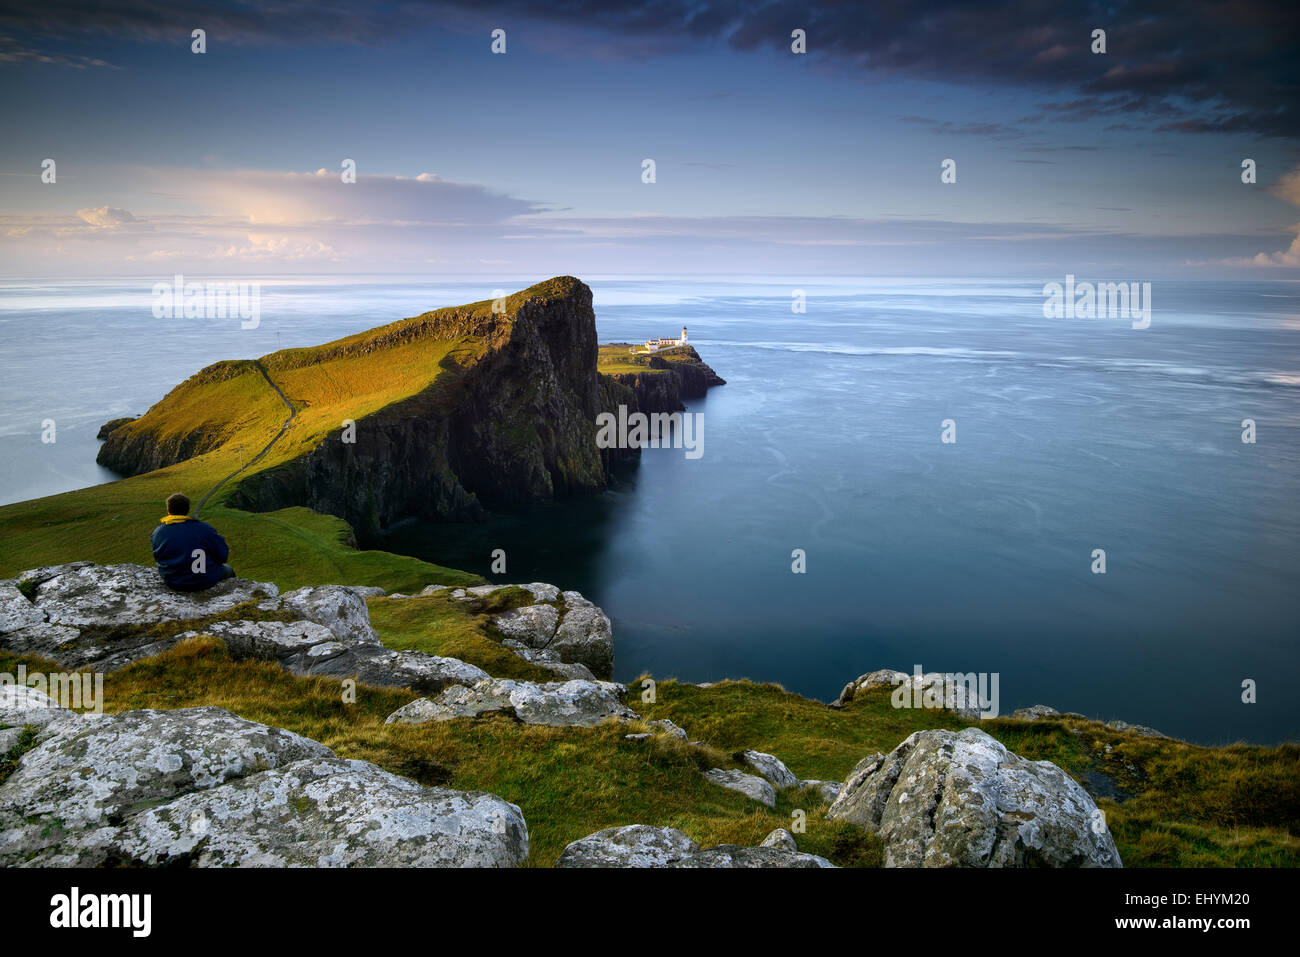 Mid adult man assis sur un rocher surplombant la mer à Neist Point, Ecosse Photo Stock